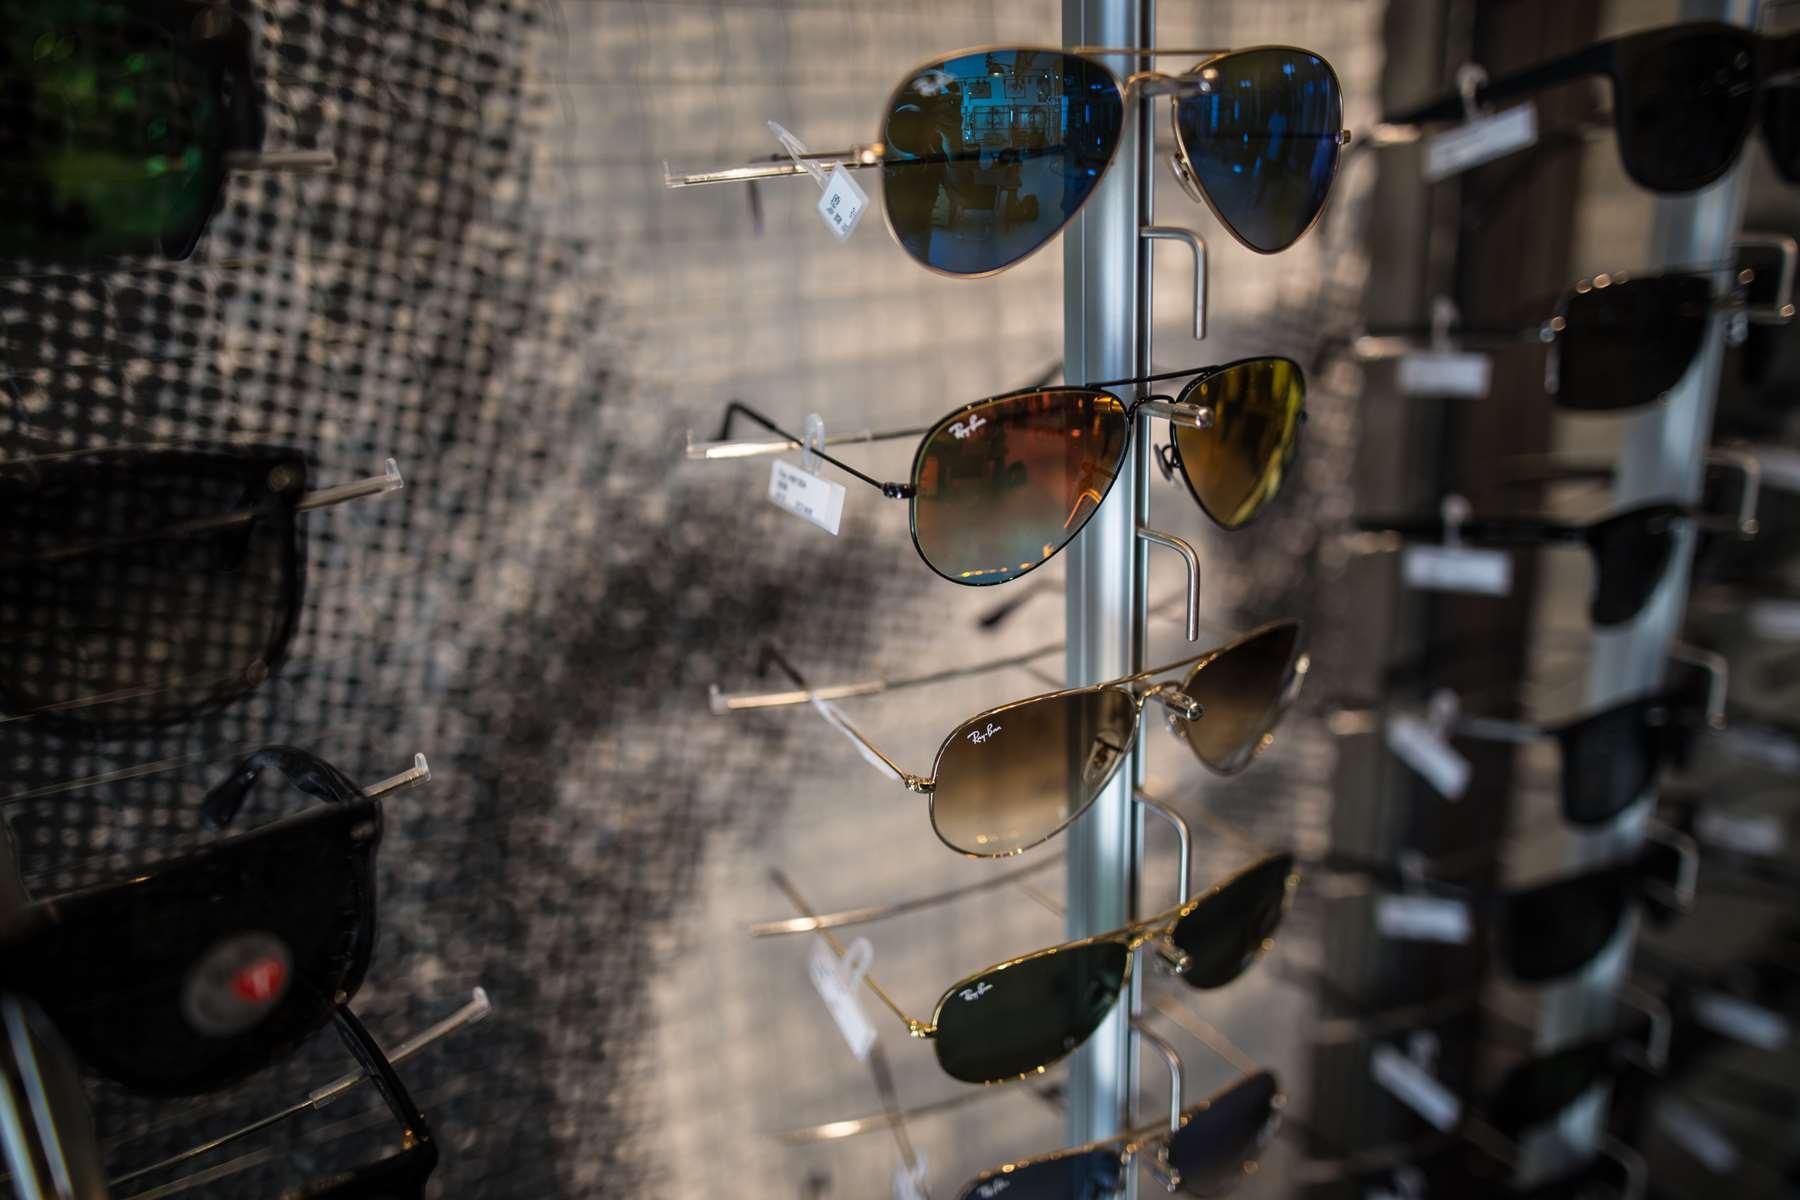 essayer des lentilles chez l opticien Chez l'opticien c'est gratuit et d'ailleur les fournisseurs envoient les lentilles d'essais gratuitement aux opticiensmeme si il s'agit de lentilles chers en ce qui concerne les ophtalmos, il se peut qu'ils aient des frais avec certaines lentilles ou qu'ils n'est pas les meme avantages que nous.